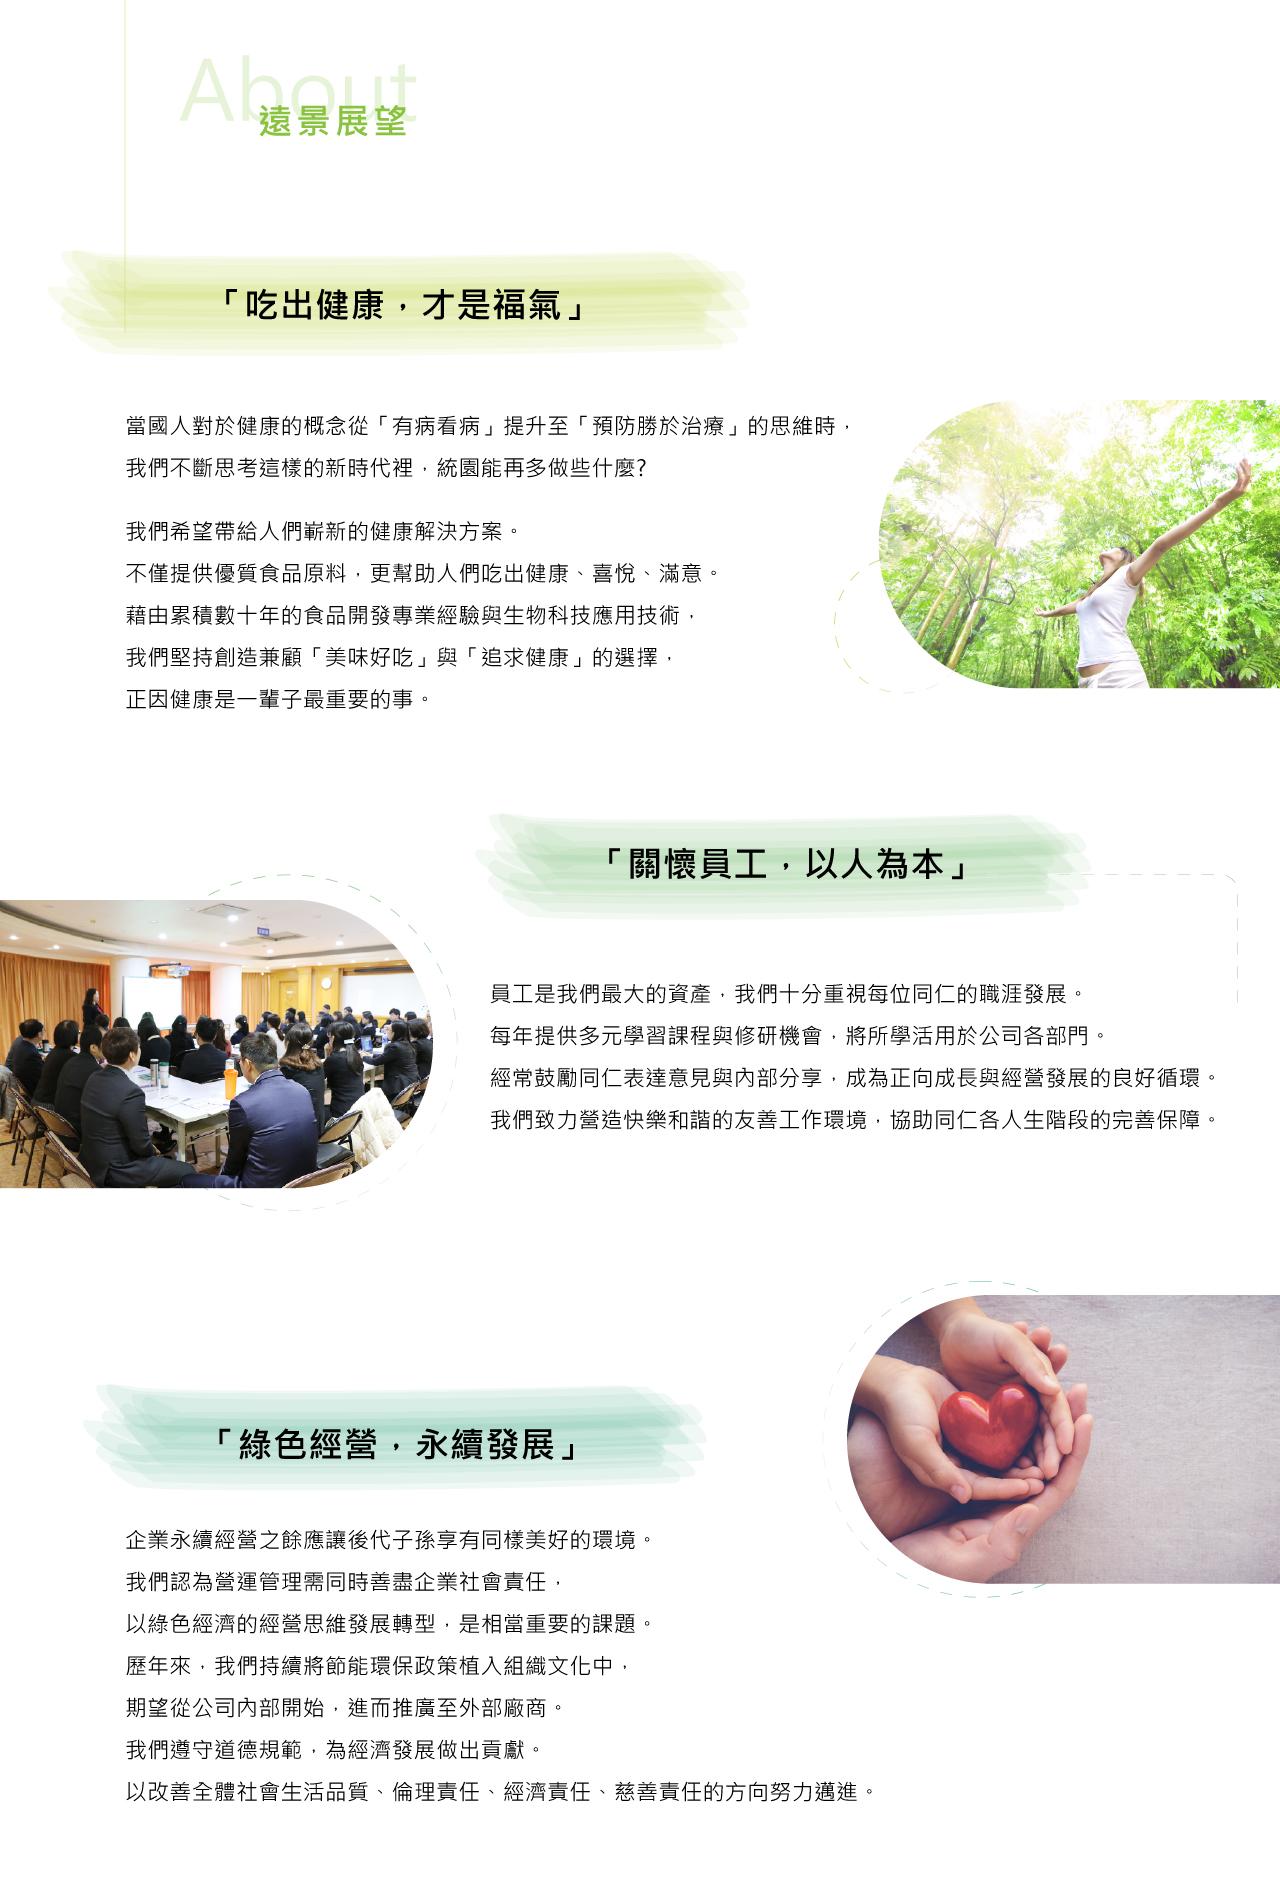 食品開發,生物科技,追求健康,關懷員工,以人為本,企業社會責任, 綠色經營,永續發展